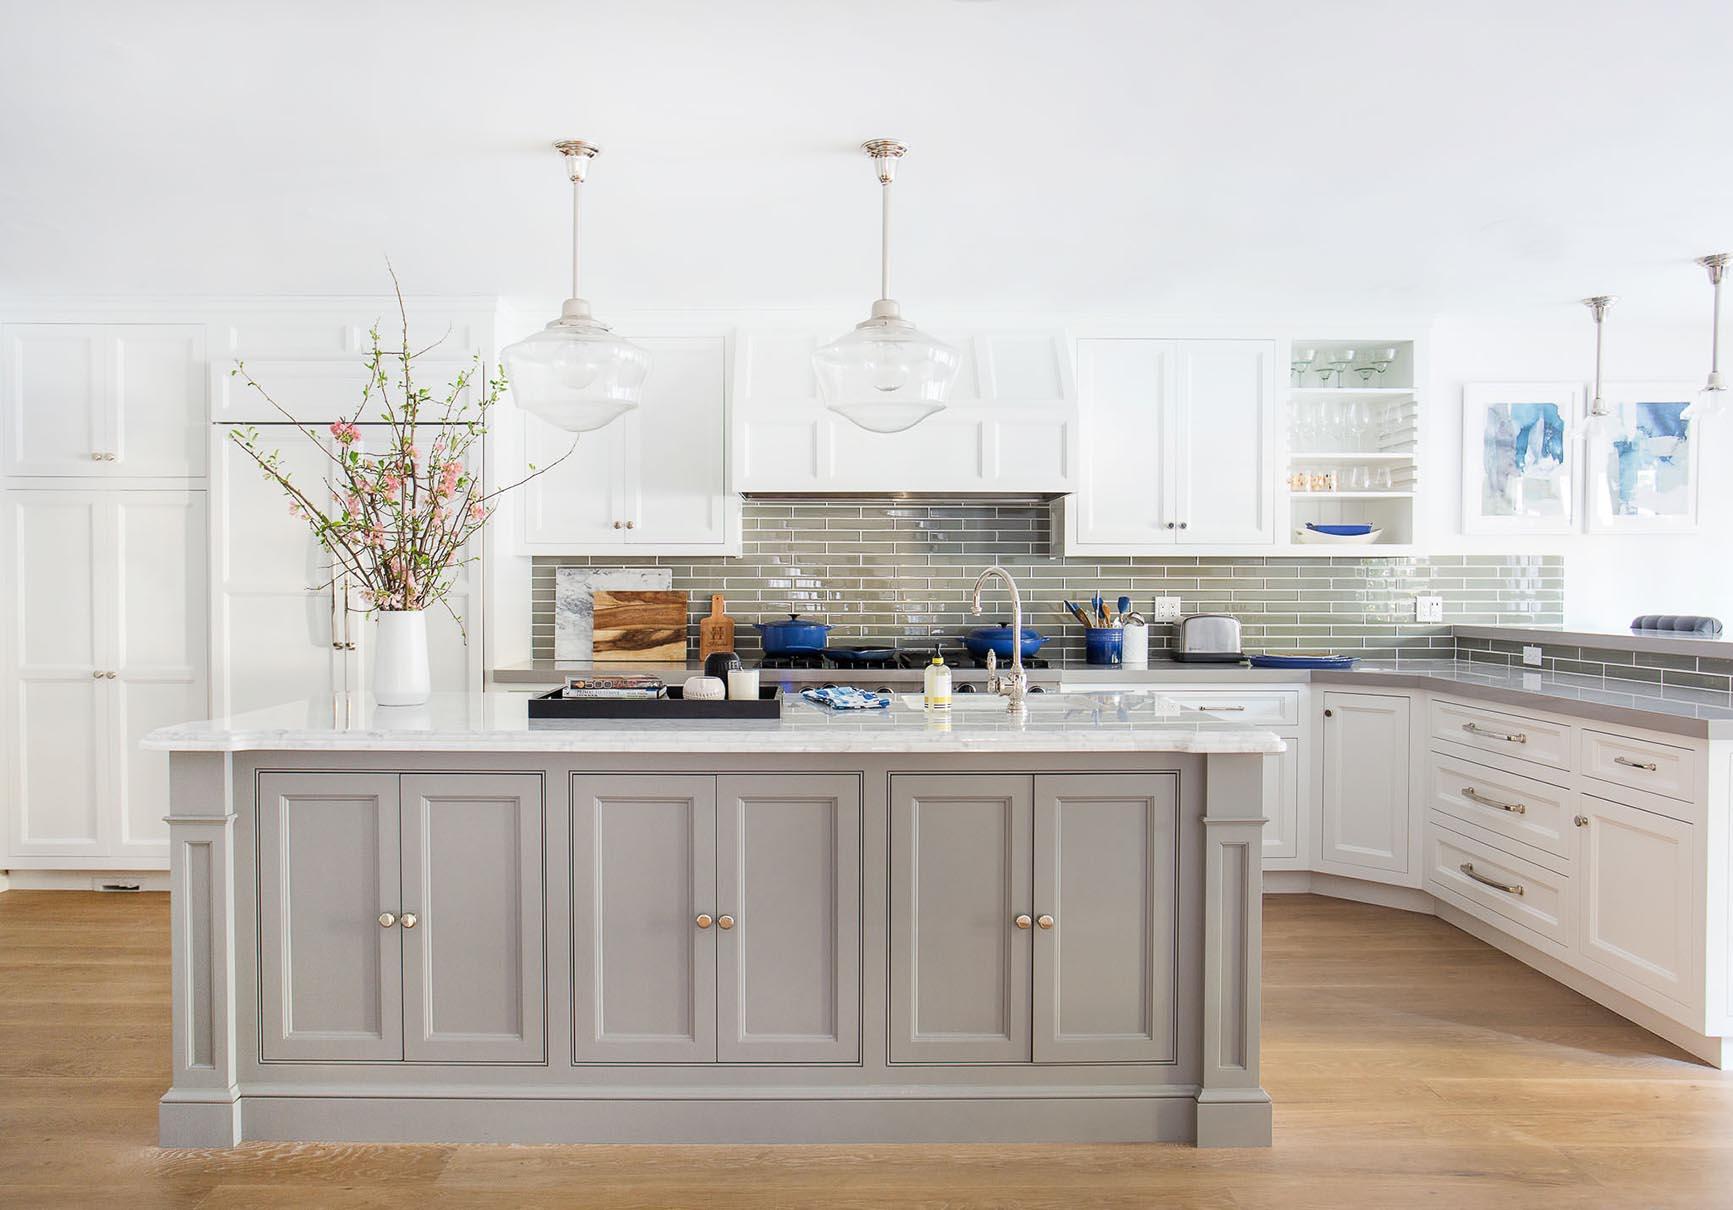 Кухня серо-белая угловая 3200х1600 мм